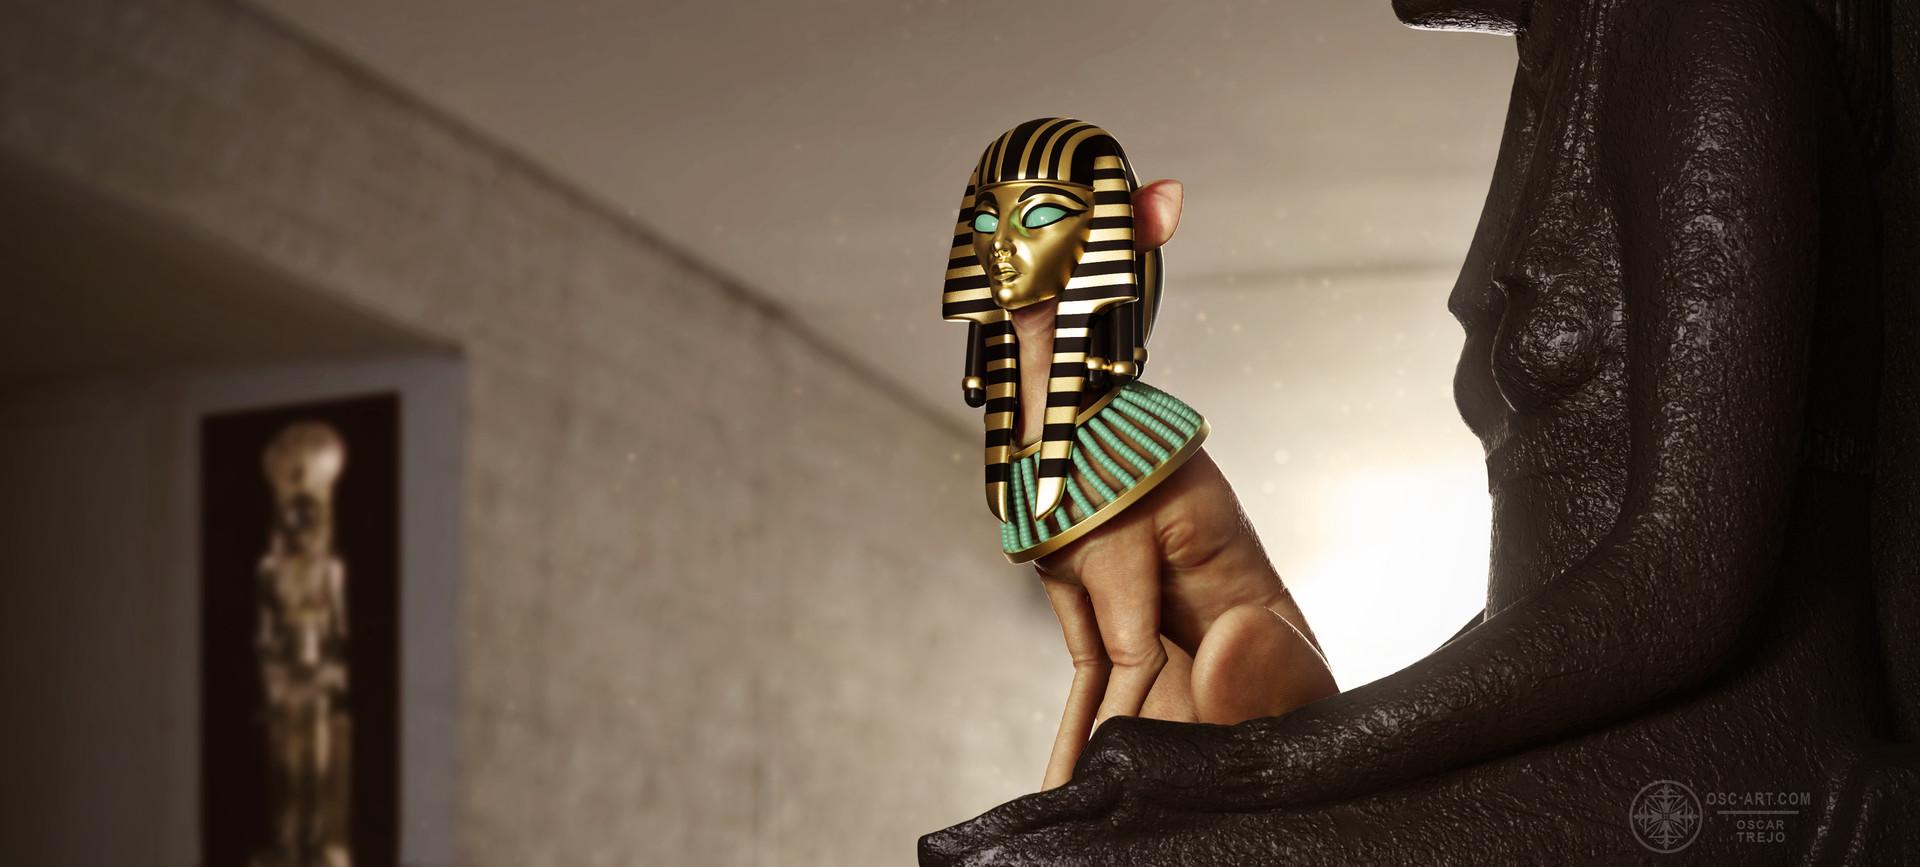 Oscar trejo sphinx3